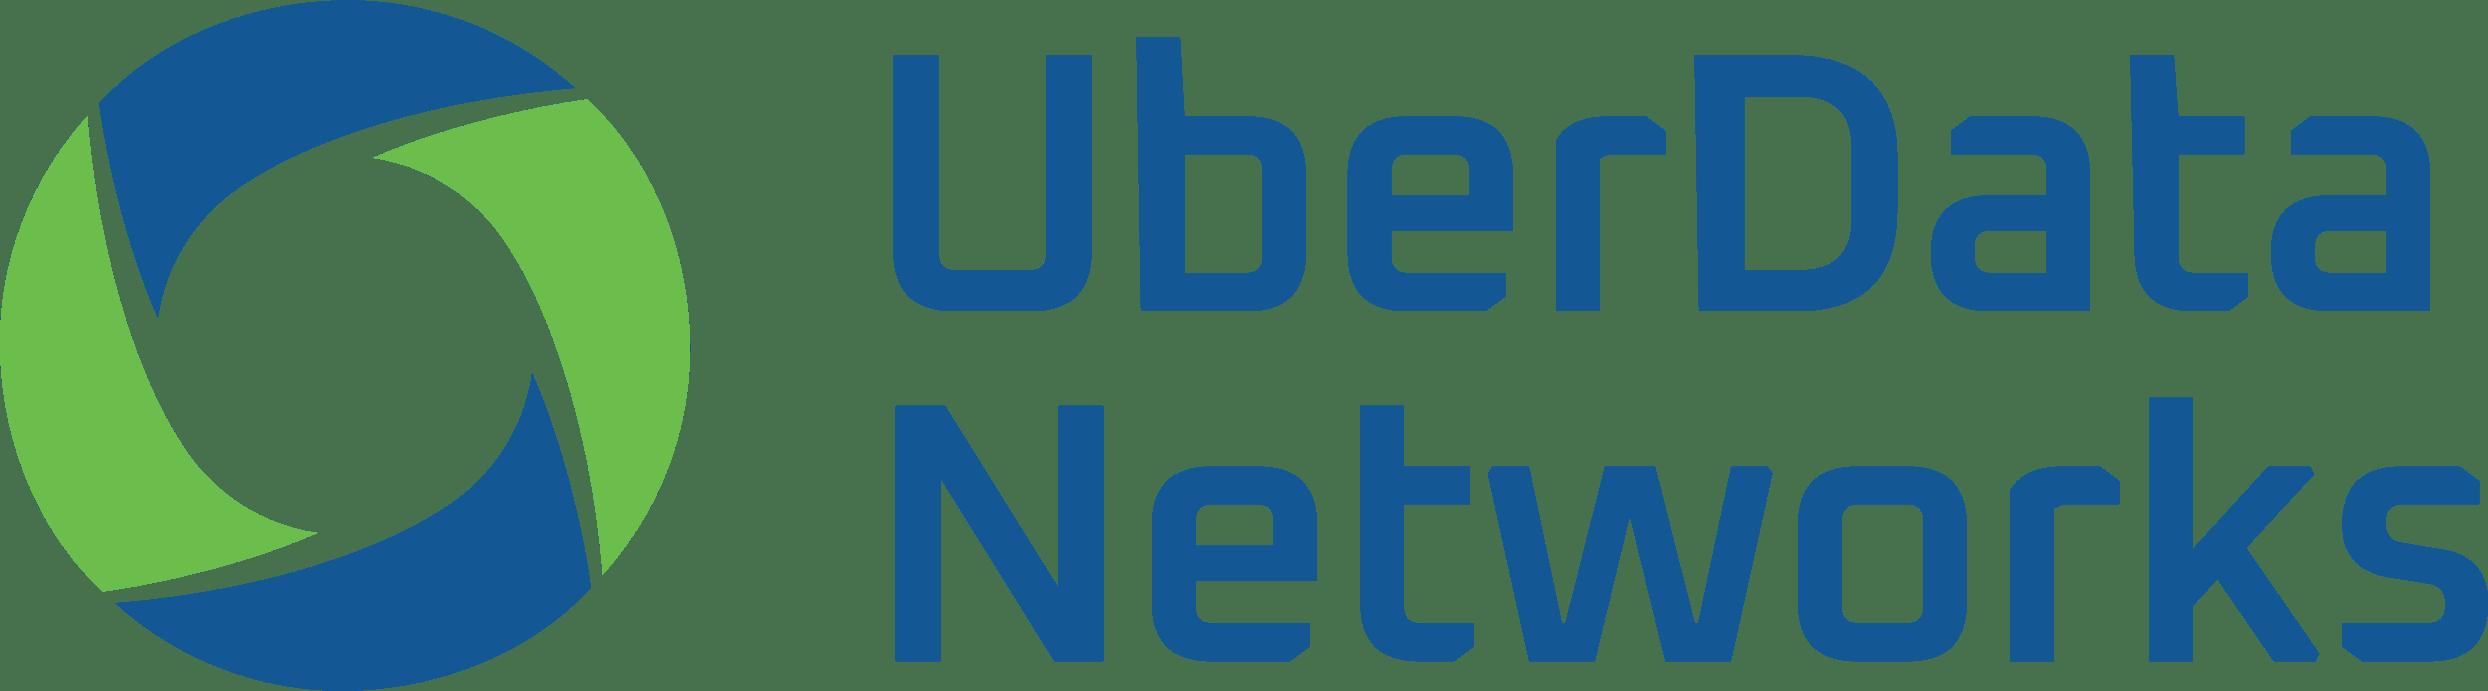 UberData Networks